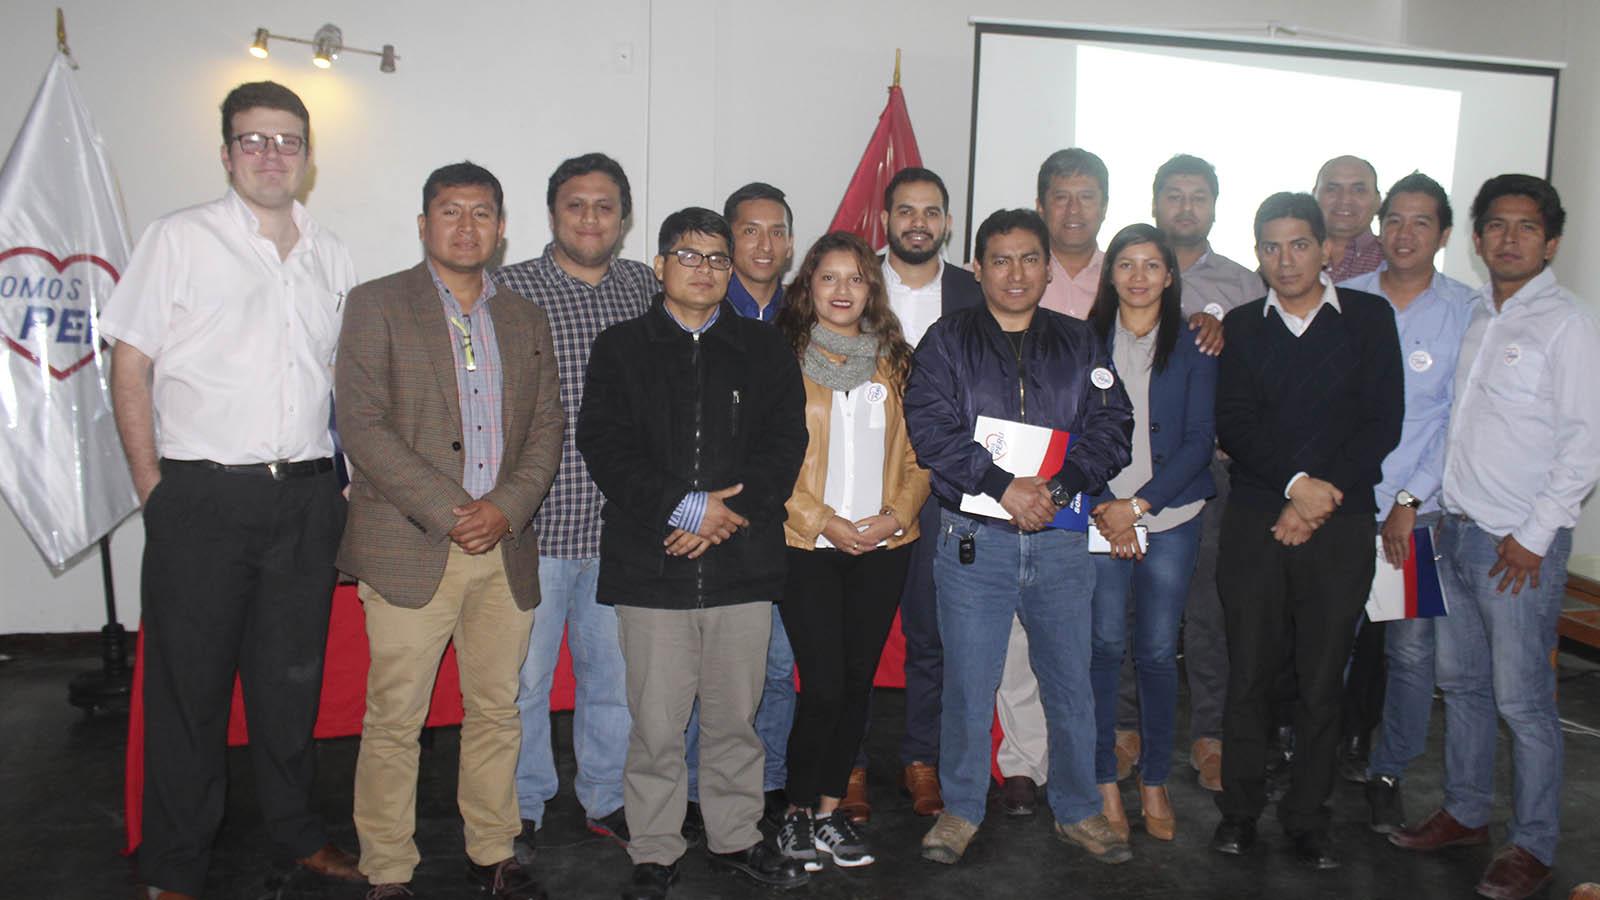 Somos Perú inicia capacitación y formación a nuevos líderes